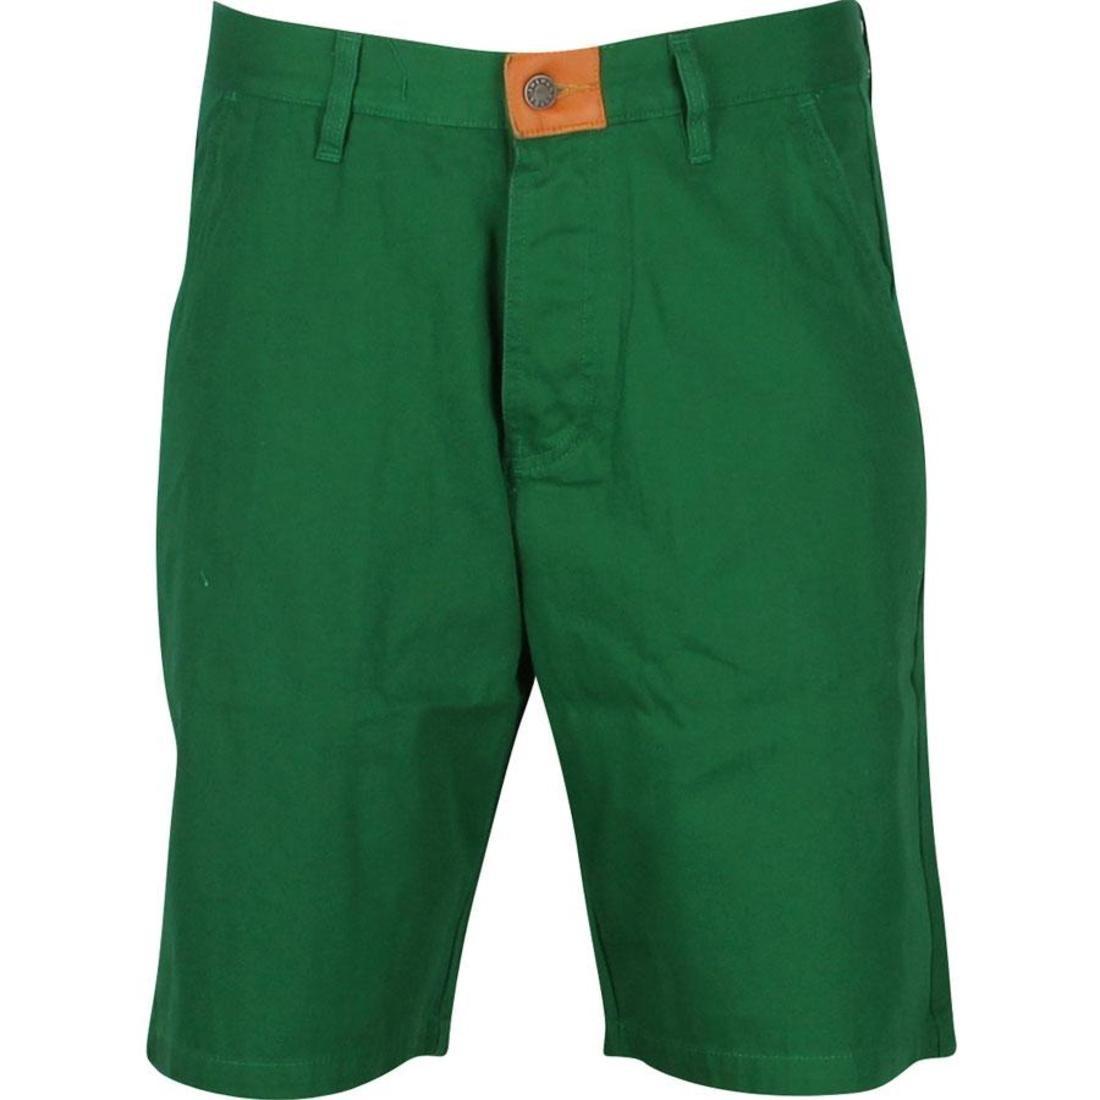 ショーツ ハーフパンツ 【 THE HUNDREDS KRUGER SHORTS GREEN 】 メンズファッション ズボン パンツ 送料無料